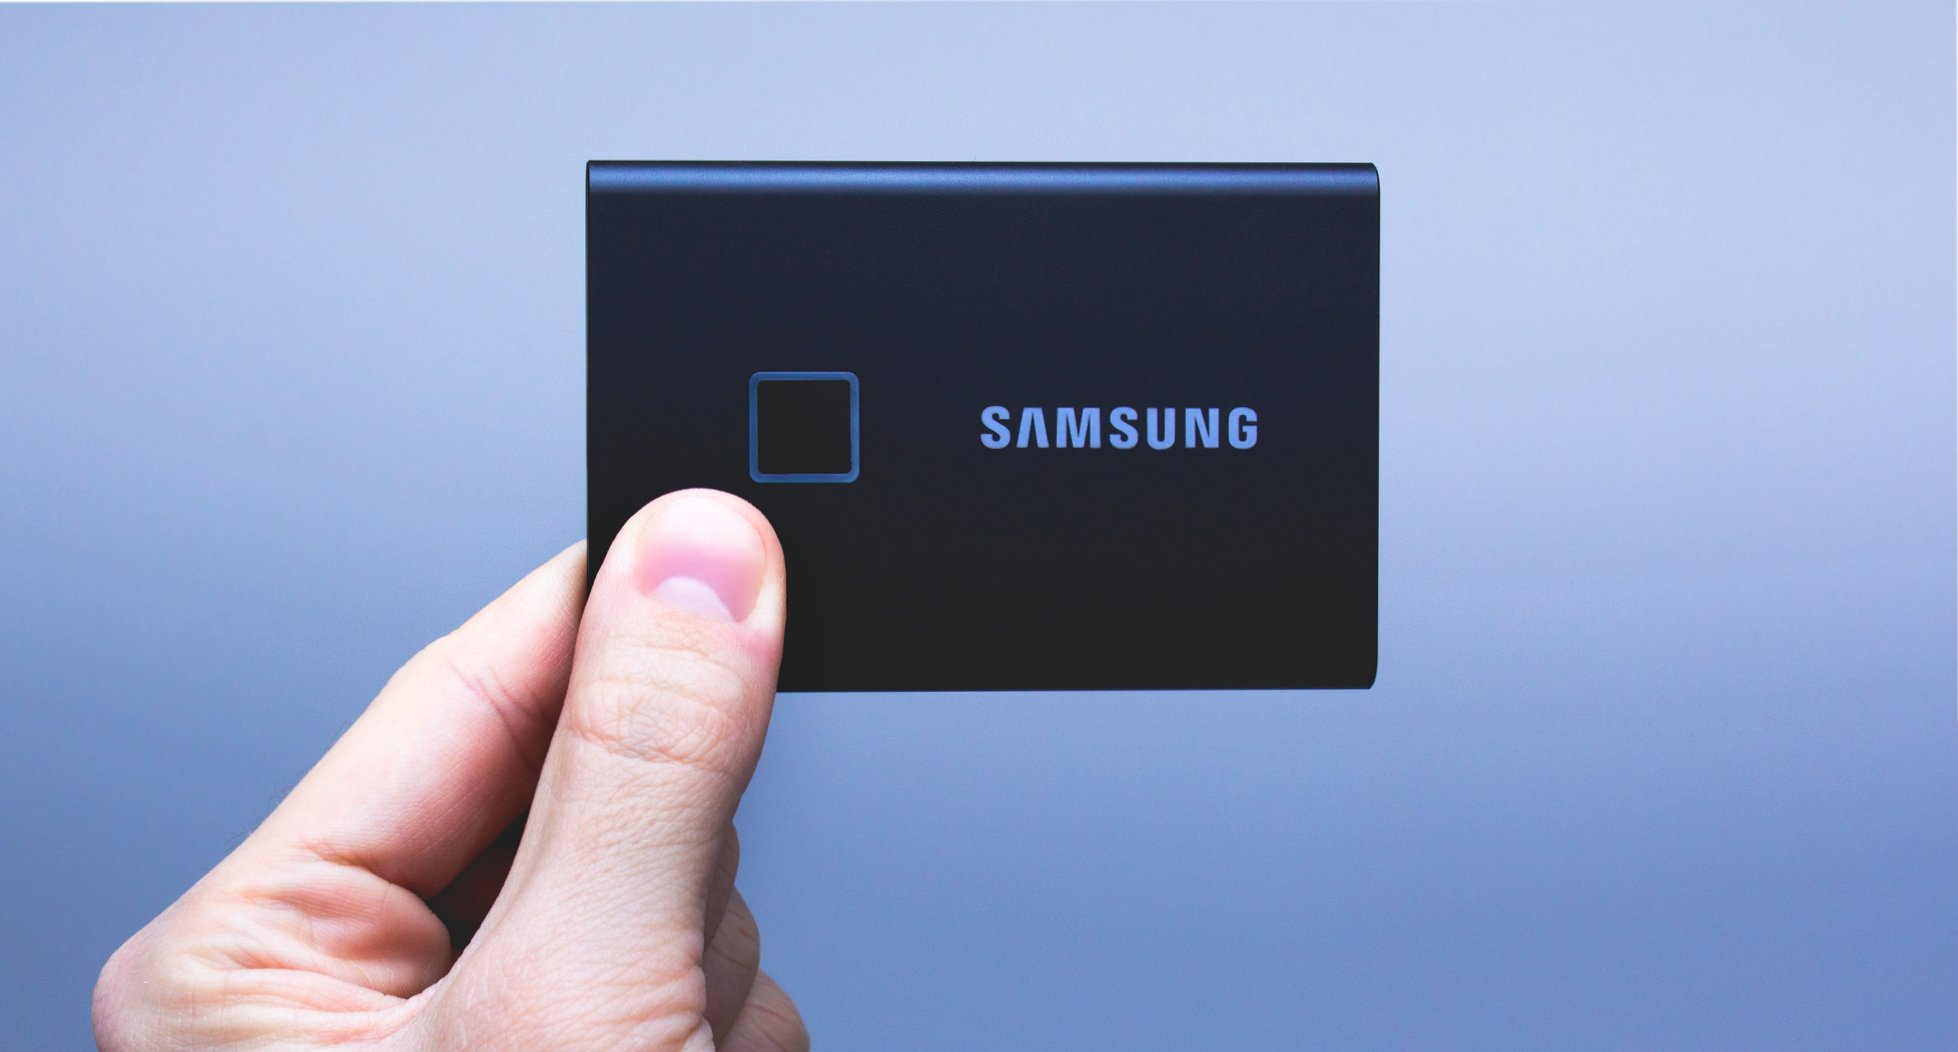 Samsung Portable SSD T7 Touch - dysk chroniony odciskiem palca (test) 19